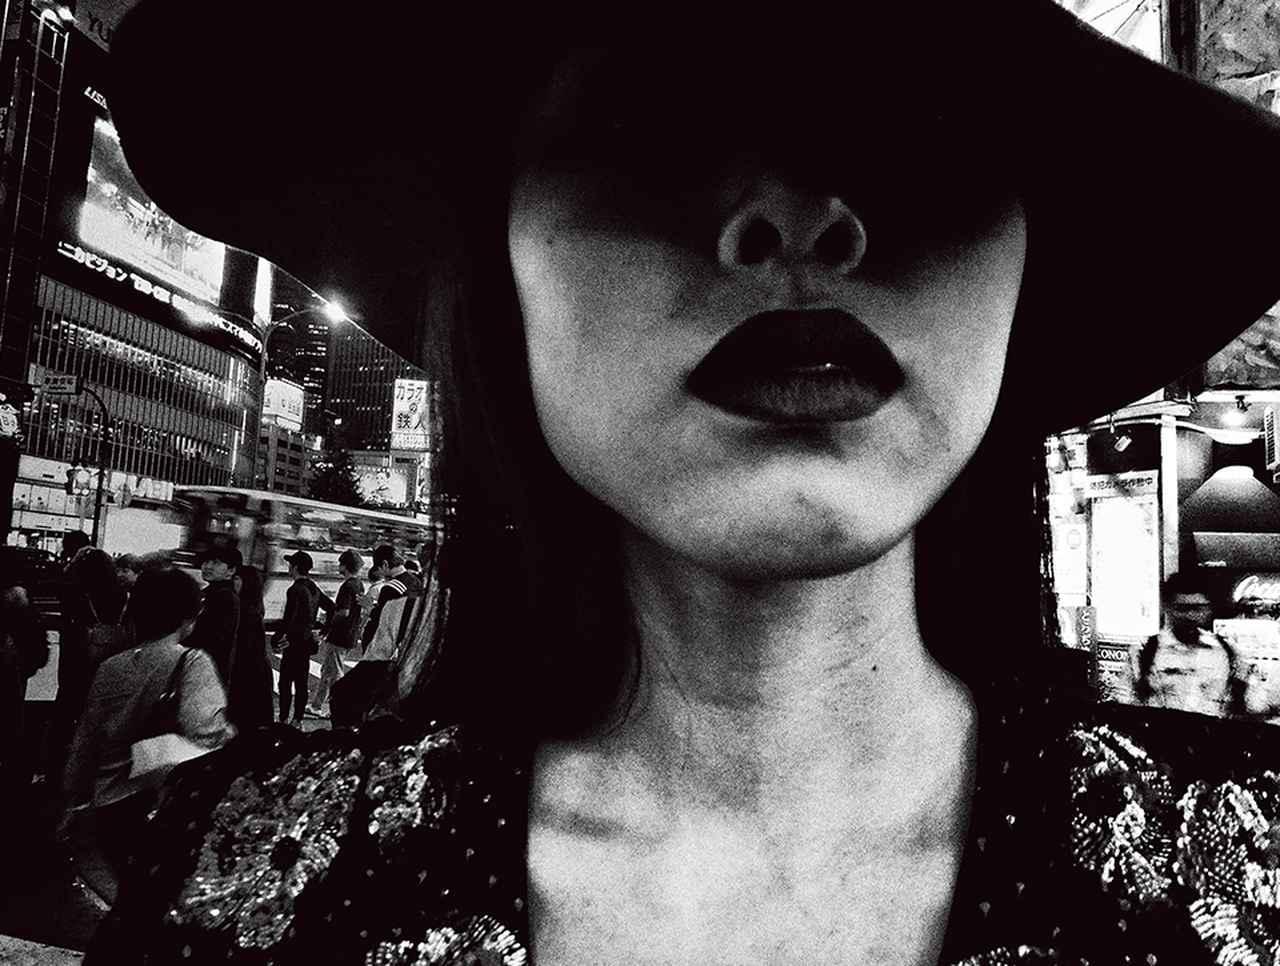 画像: モデルとなった本山琴美。唇のアップは森山が好んで撮るモチーフでもある 「SAINT LAURENT SELF 01: DAIDO MORIYAMA」2018年 © DAIDO MORIYAMA PHOTO FOUNDATION / COURTESY OF SAINT LAURENT